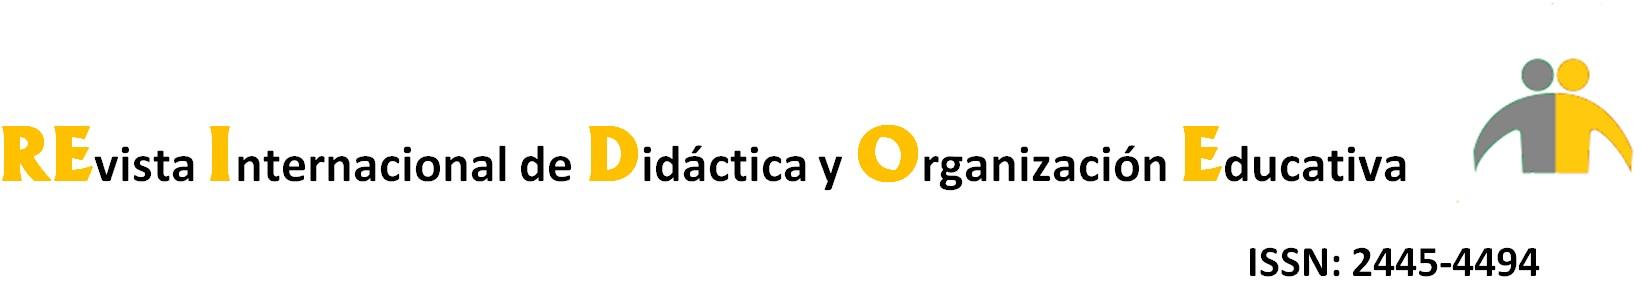 REIDOE. Revista Internacional de Didáctica y Organización Educativa